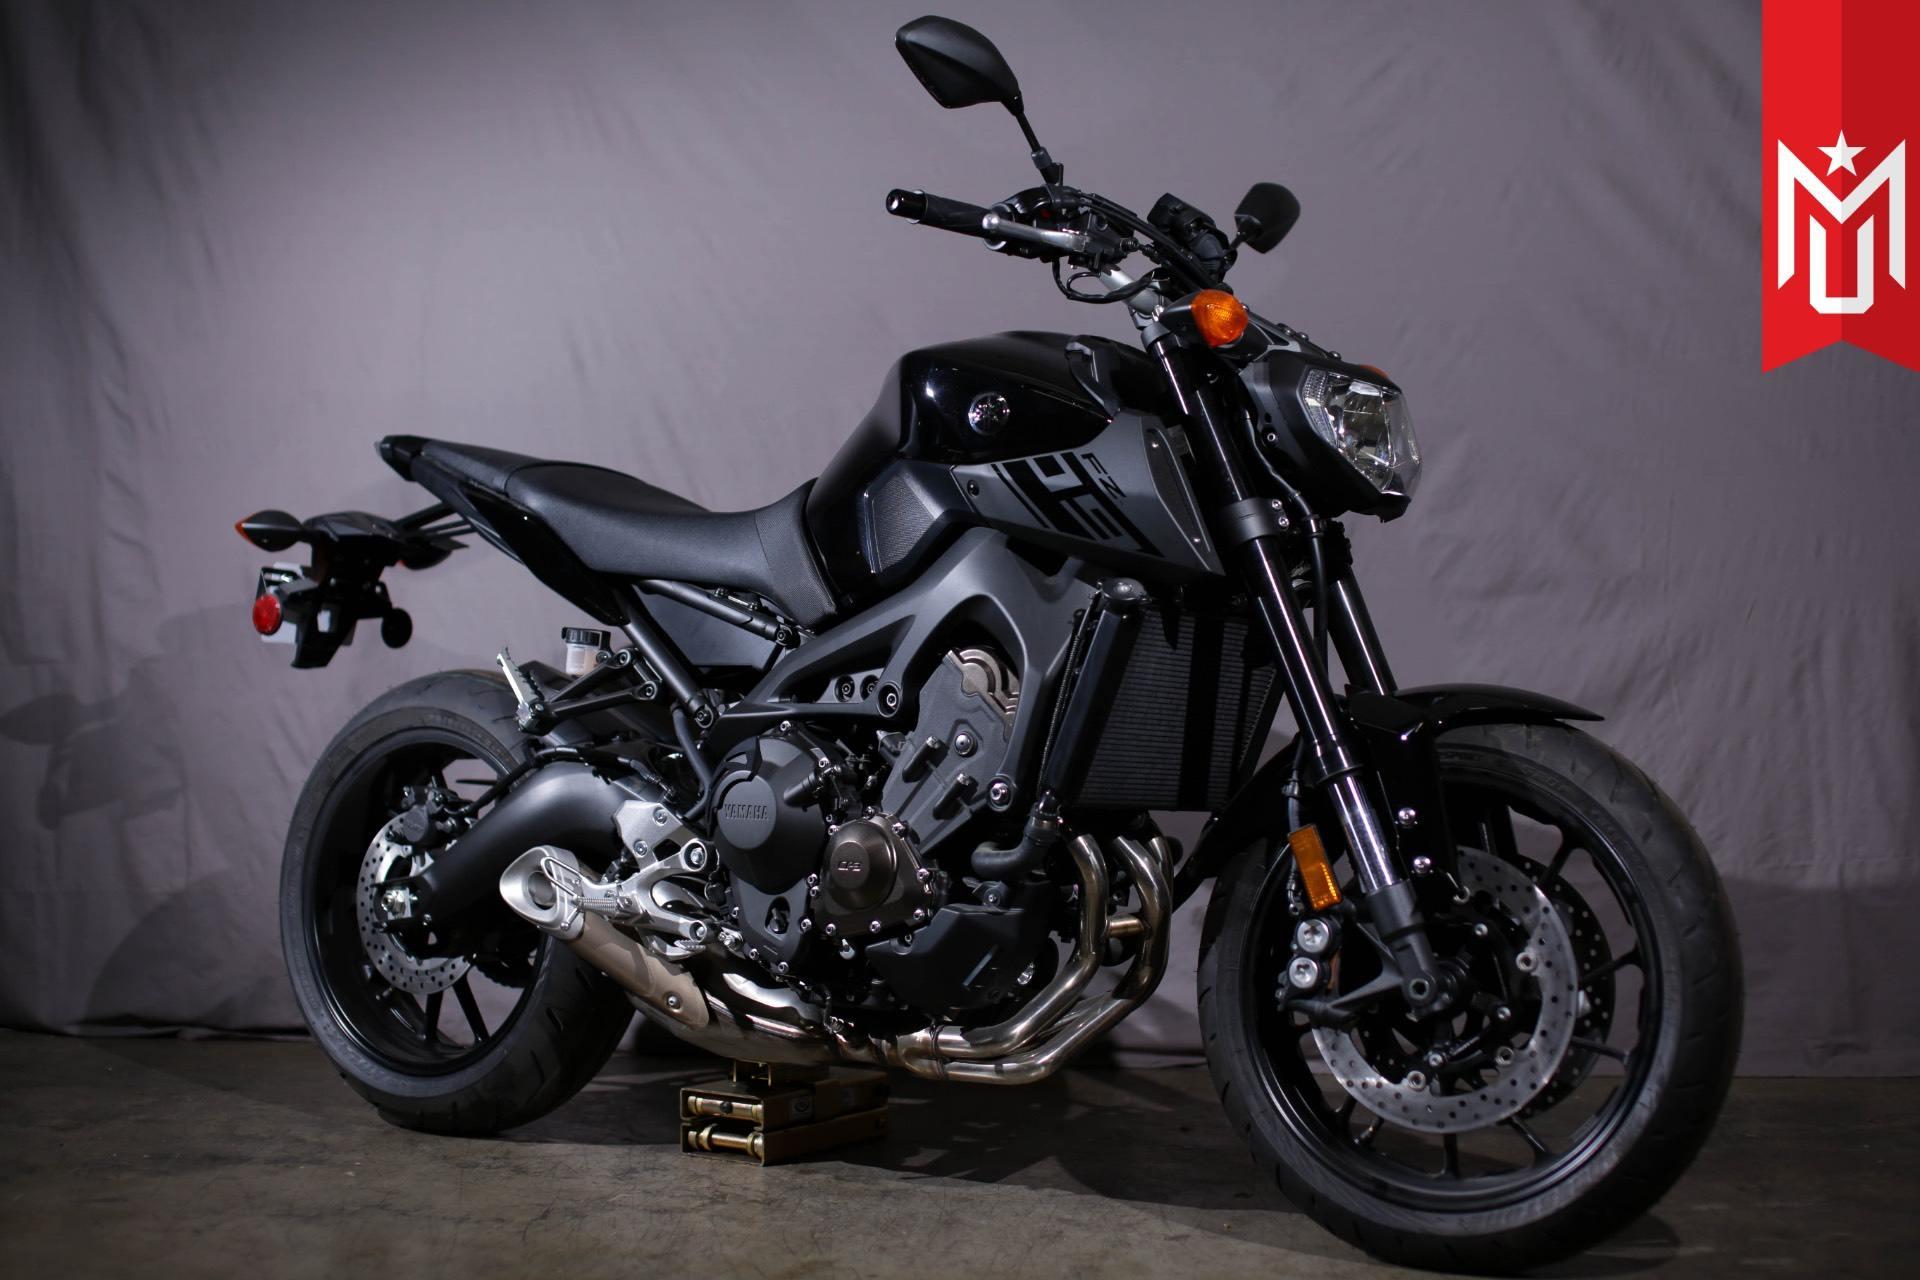 2016 Yamaha FZ-09 2